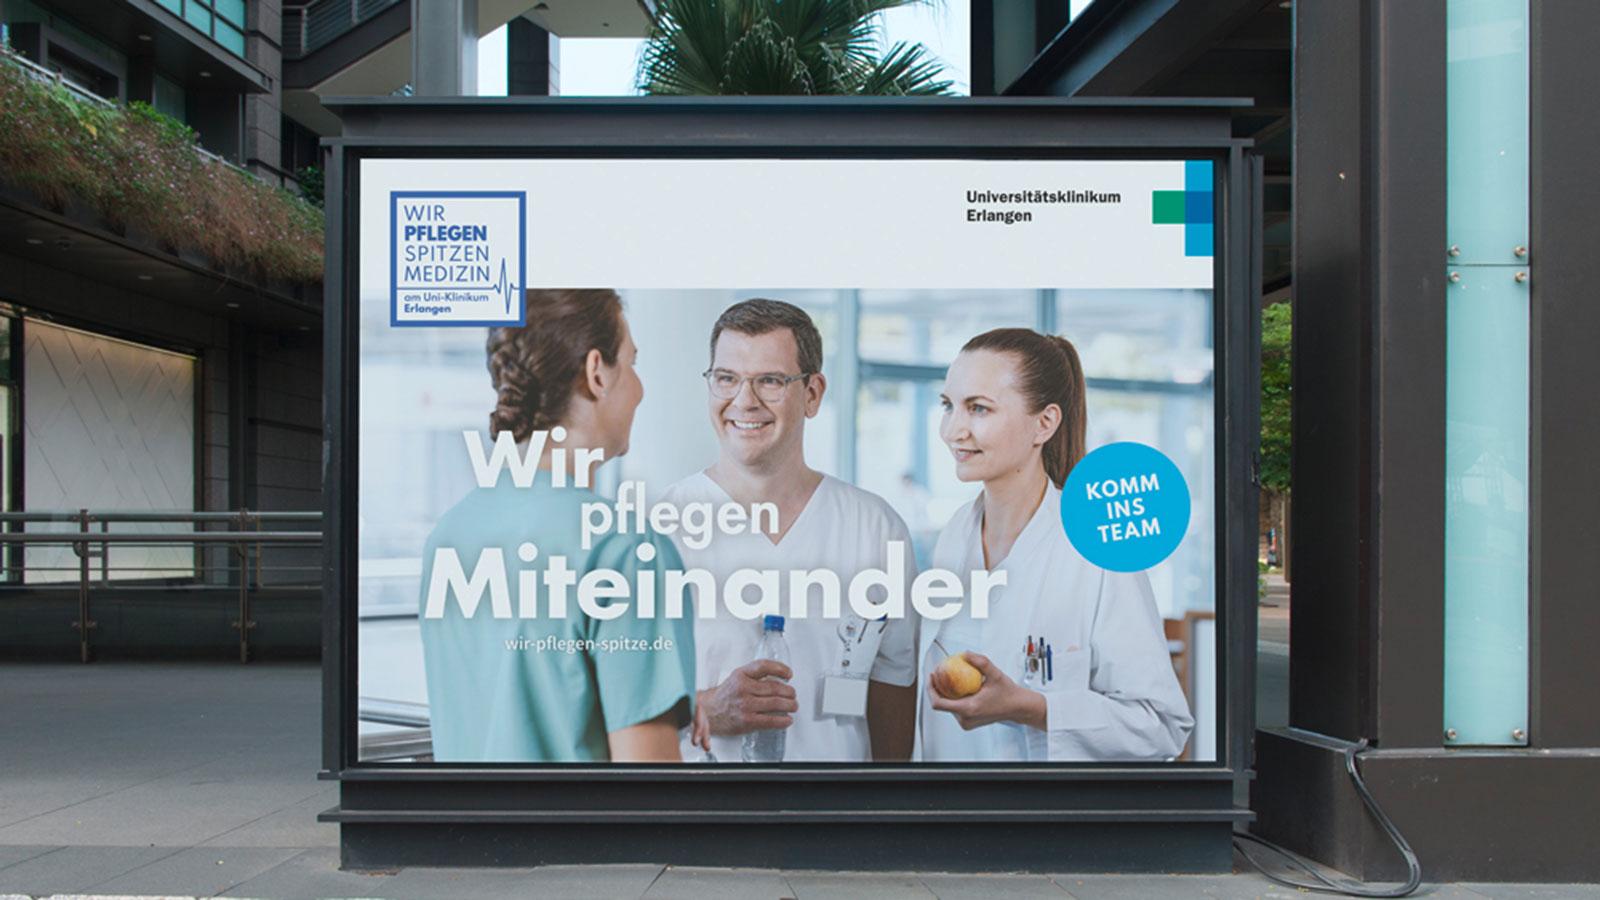 Uniklinikum Erlangen - Keyvisual Miteinander